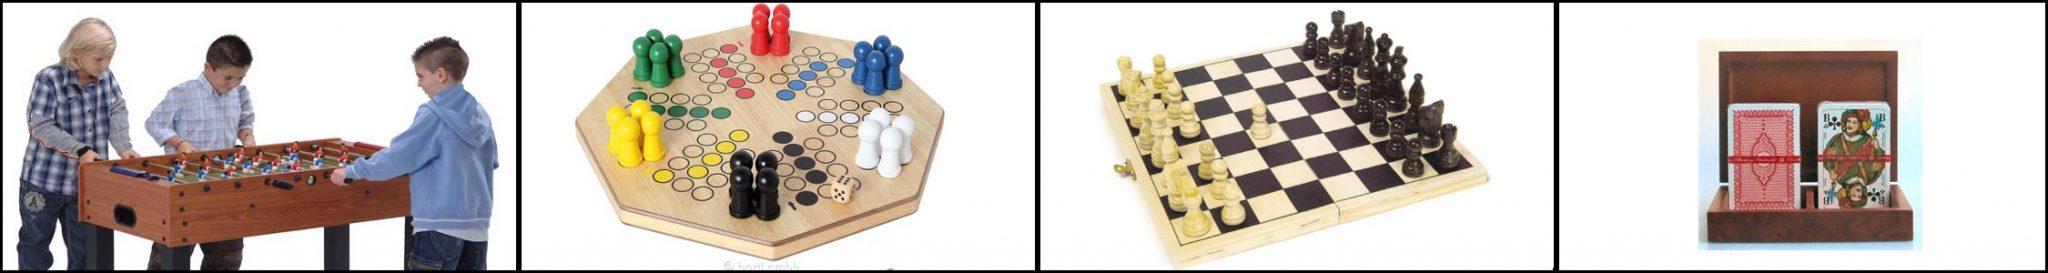 spil til voksne